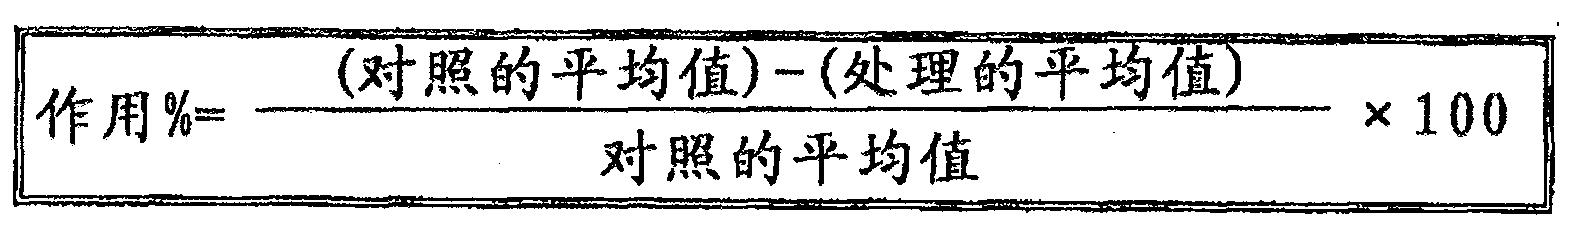 Figure CN101208345BD00471